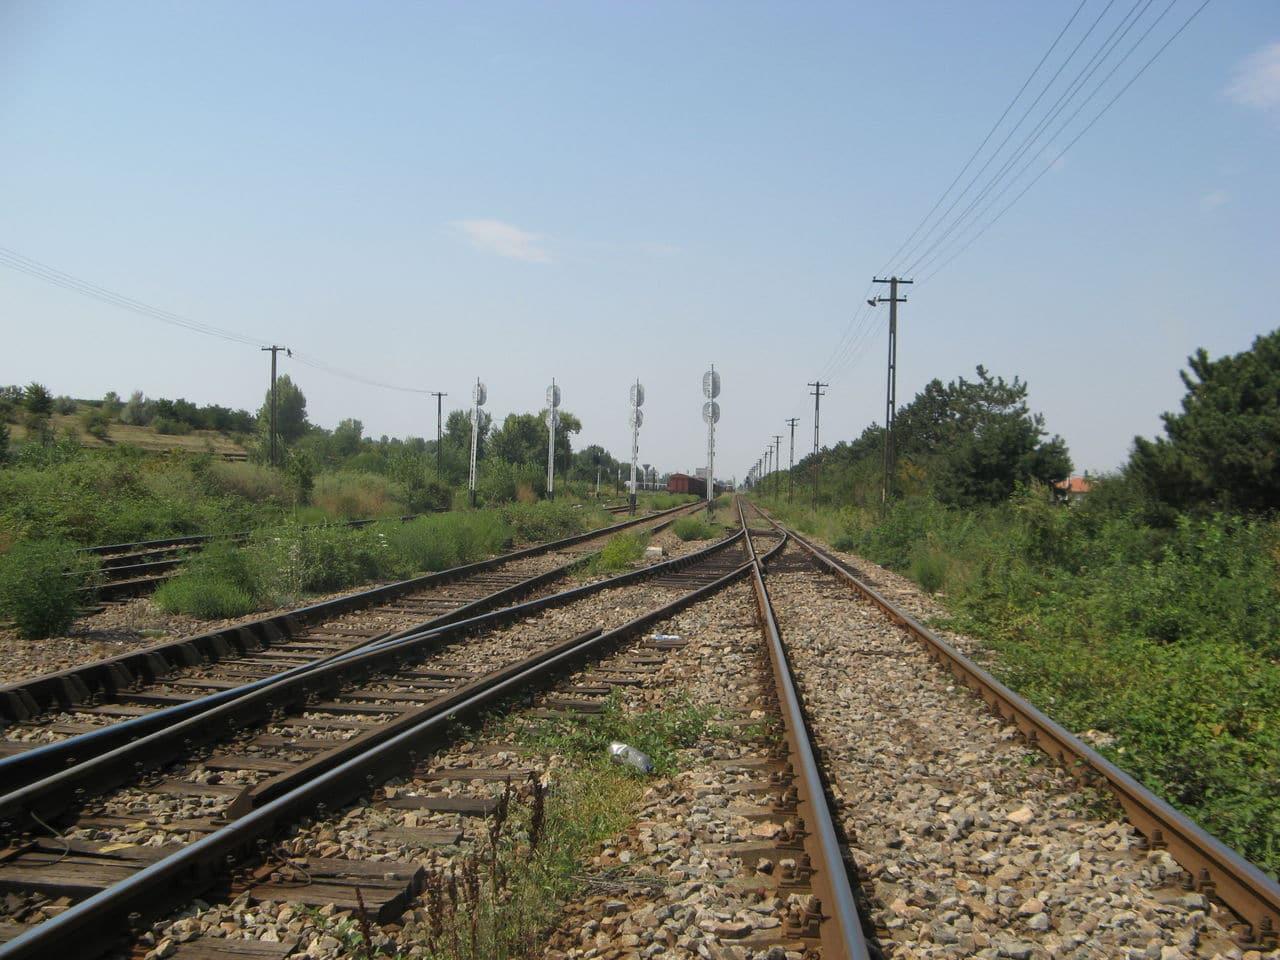 Calea ferată directă Oradea Vest - Episcopia Bihor IMG_0073